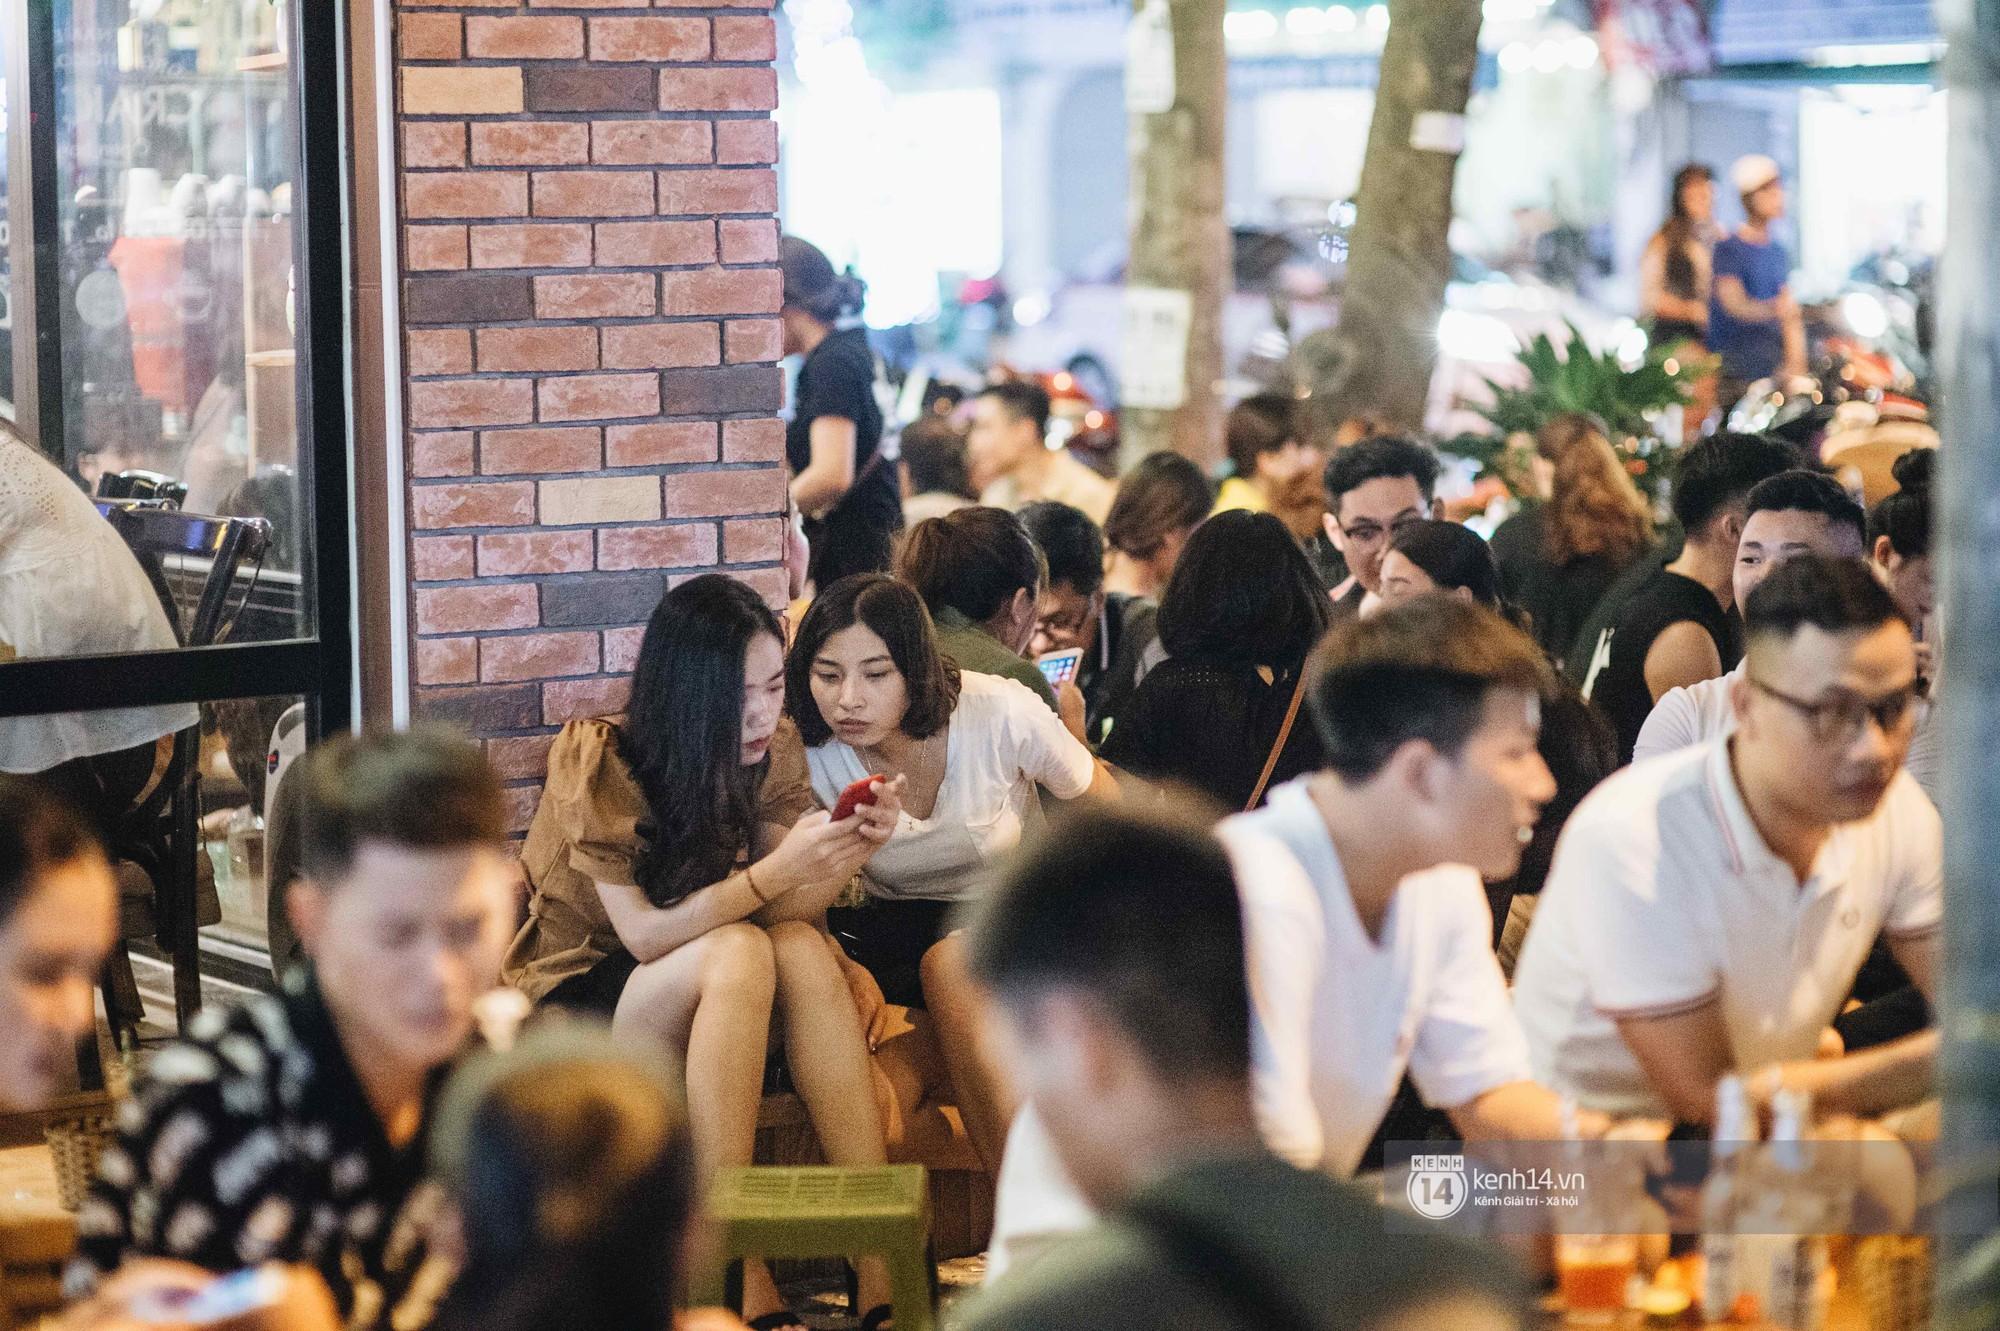 VZN News: Giới trẻ Hà Nội đổ xô đi thử bia úp ngược: chật kín chỗ, nhiều khách phải ngậm ngùi đi về - Ảnh 5.